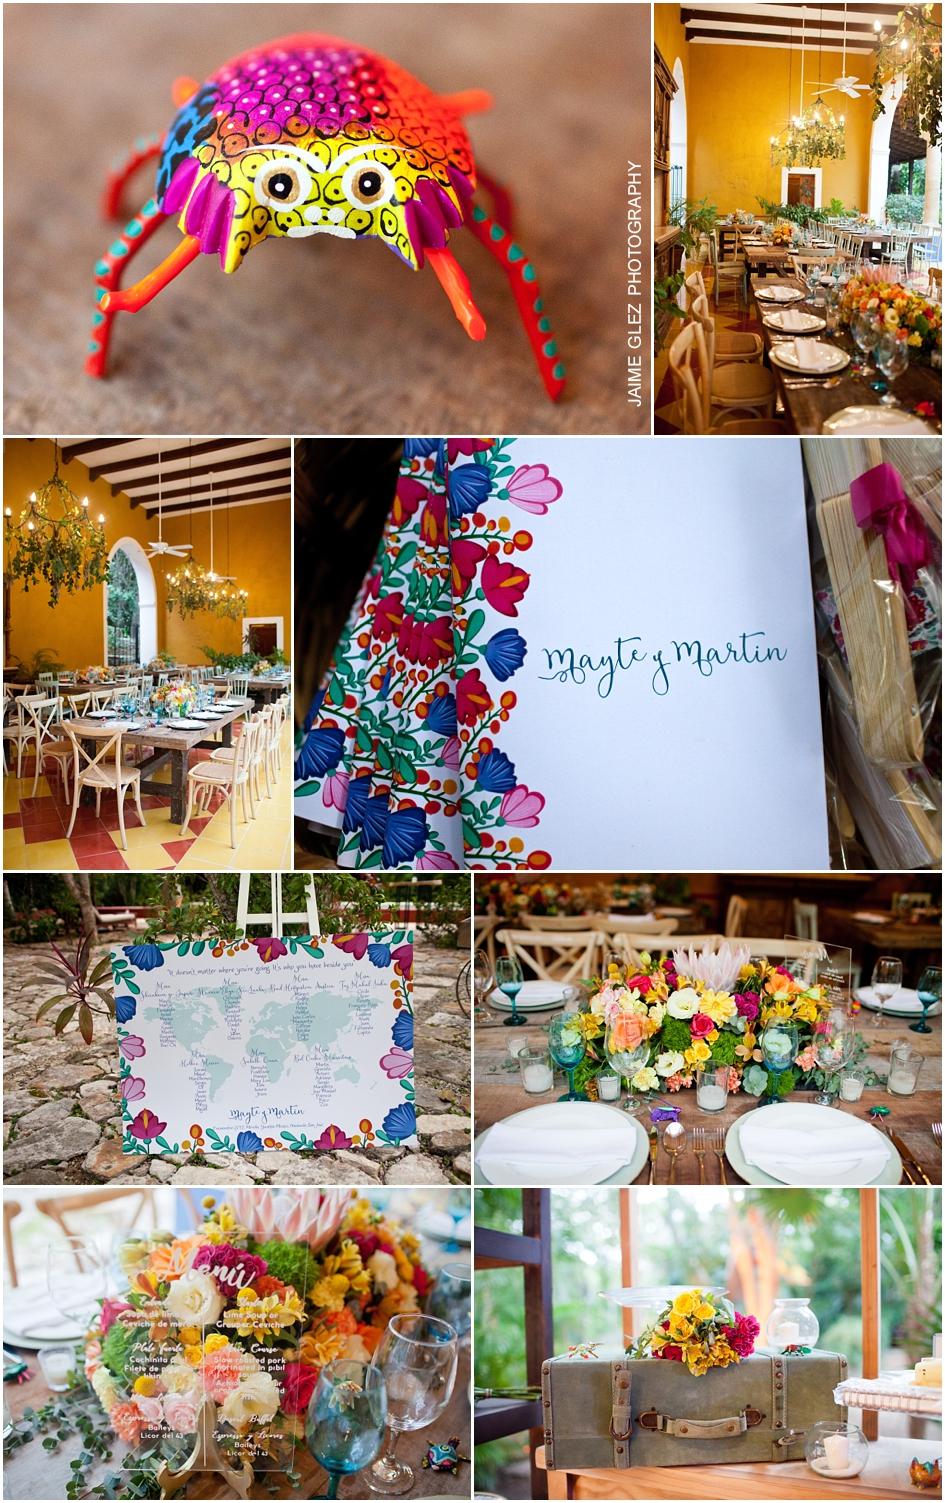 Encantadora decoración mexicana. Con mucho estilo y magia.